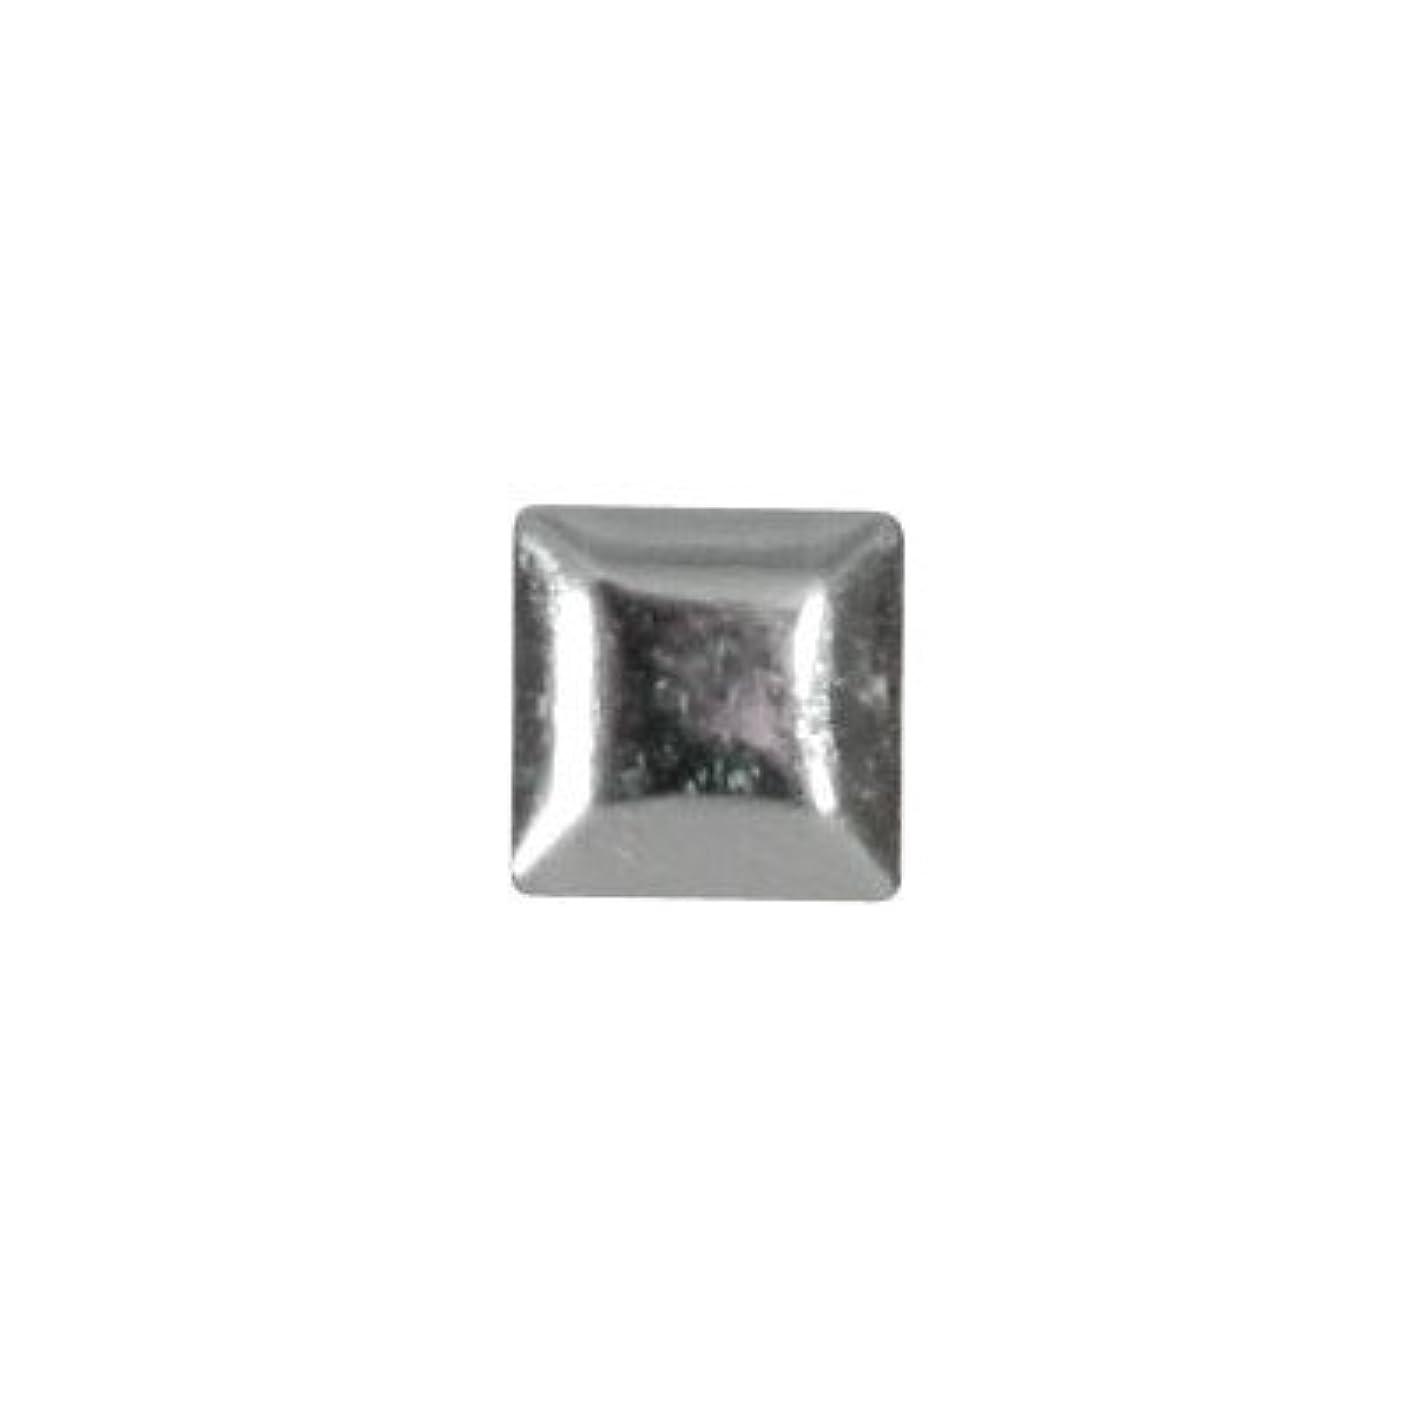 ダメージマーチャンダイザークランプピアドラ スタッズ メタルスクエア 3mm 50P シルバー